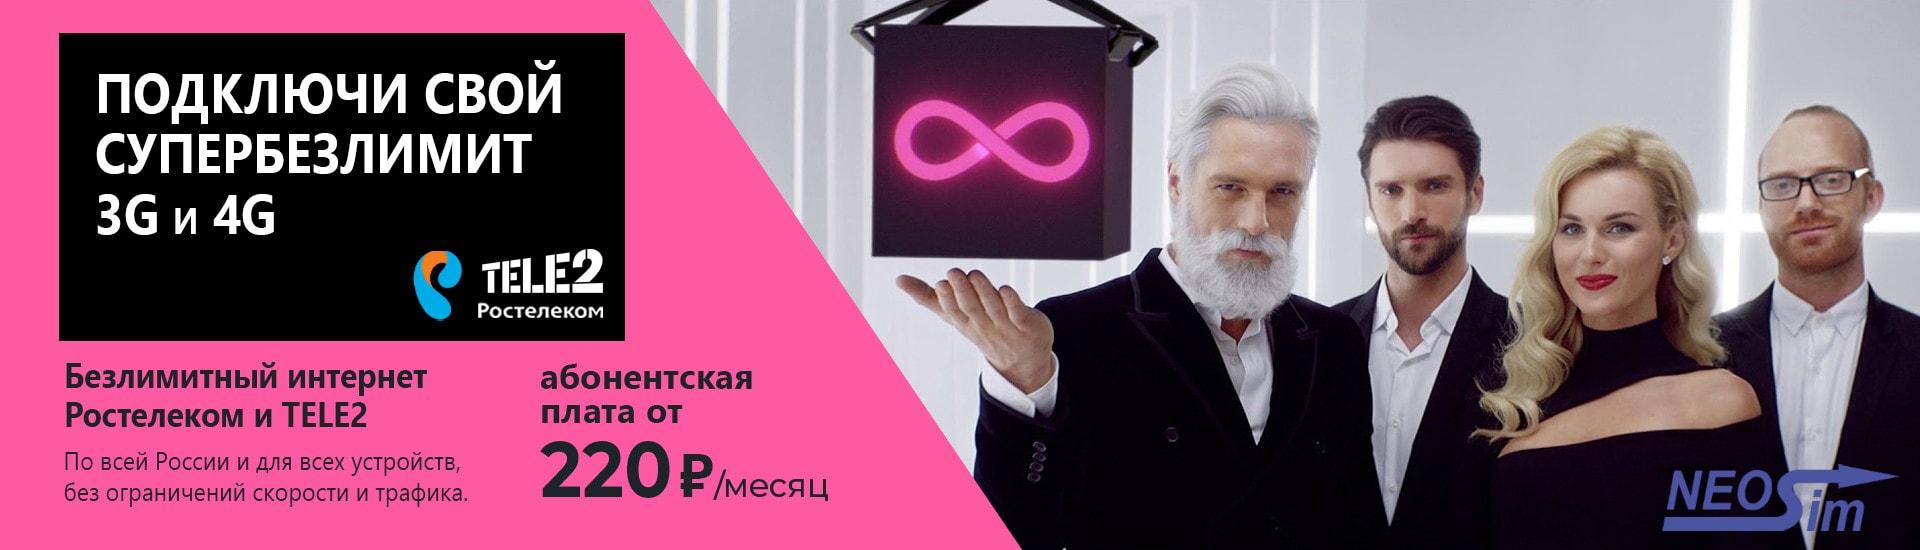 Купить Уникальные тарифы от Rostelecom и TELE2